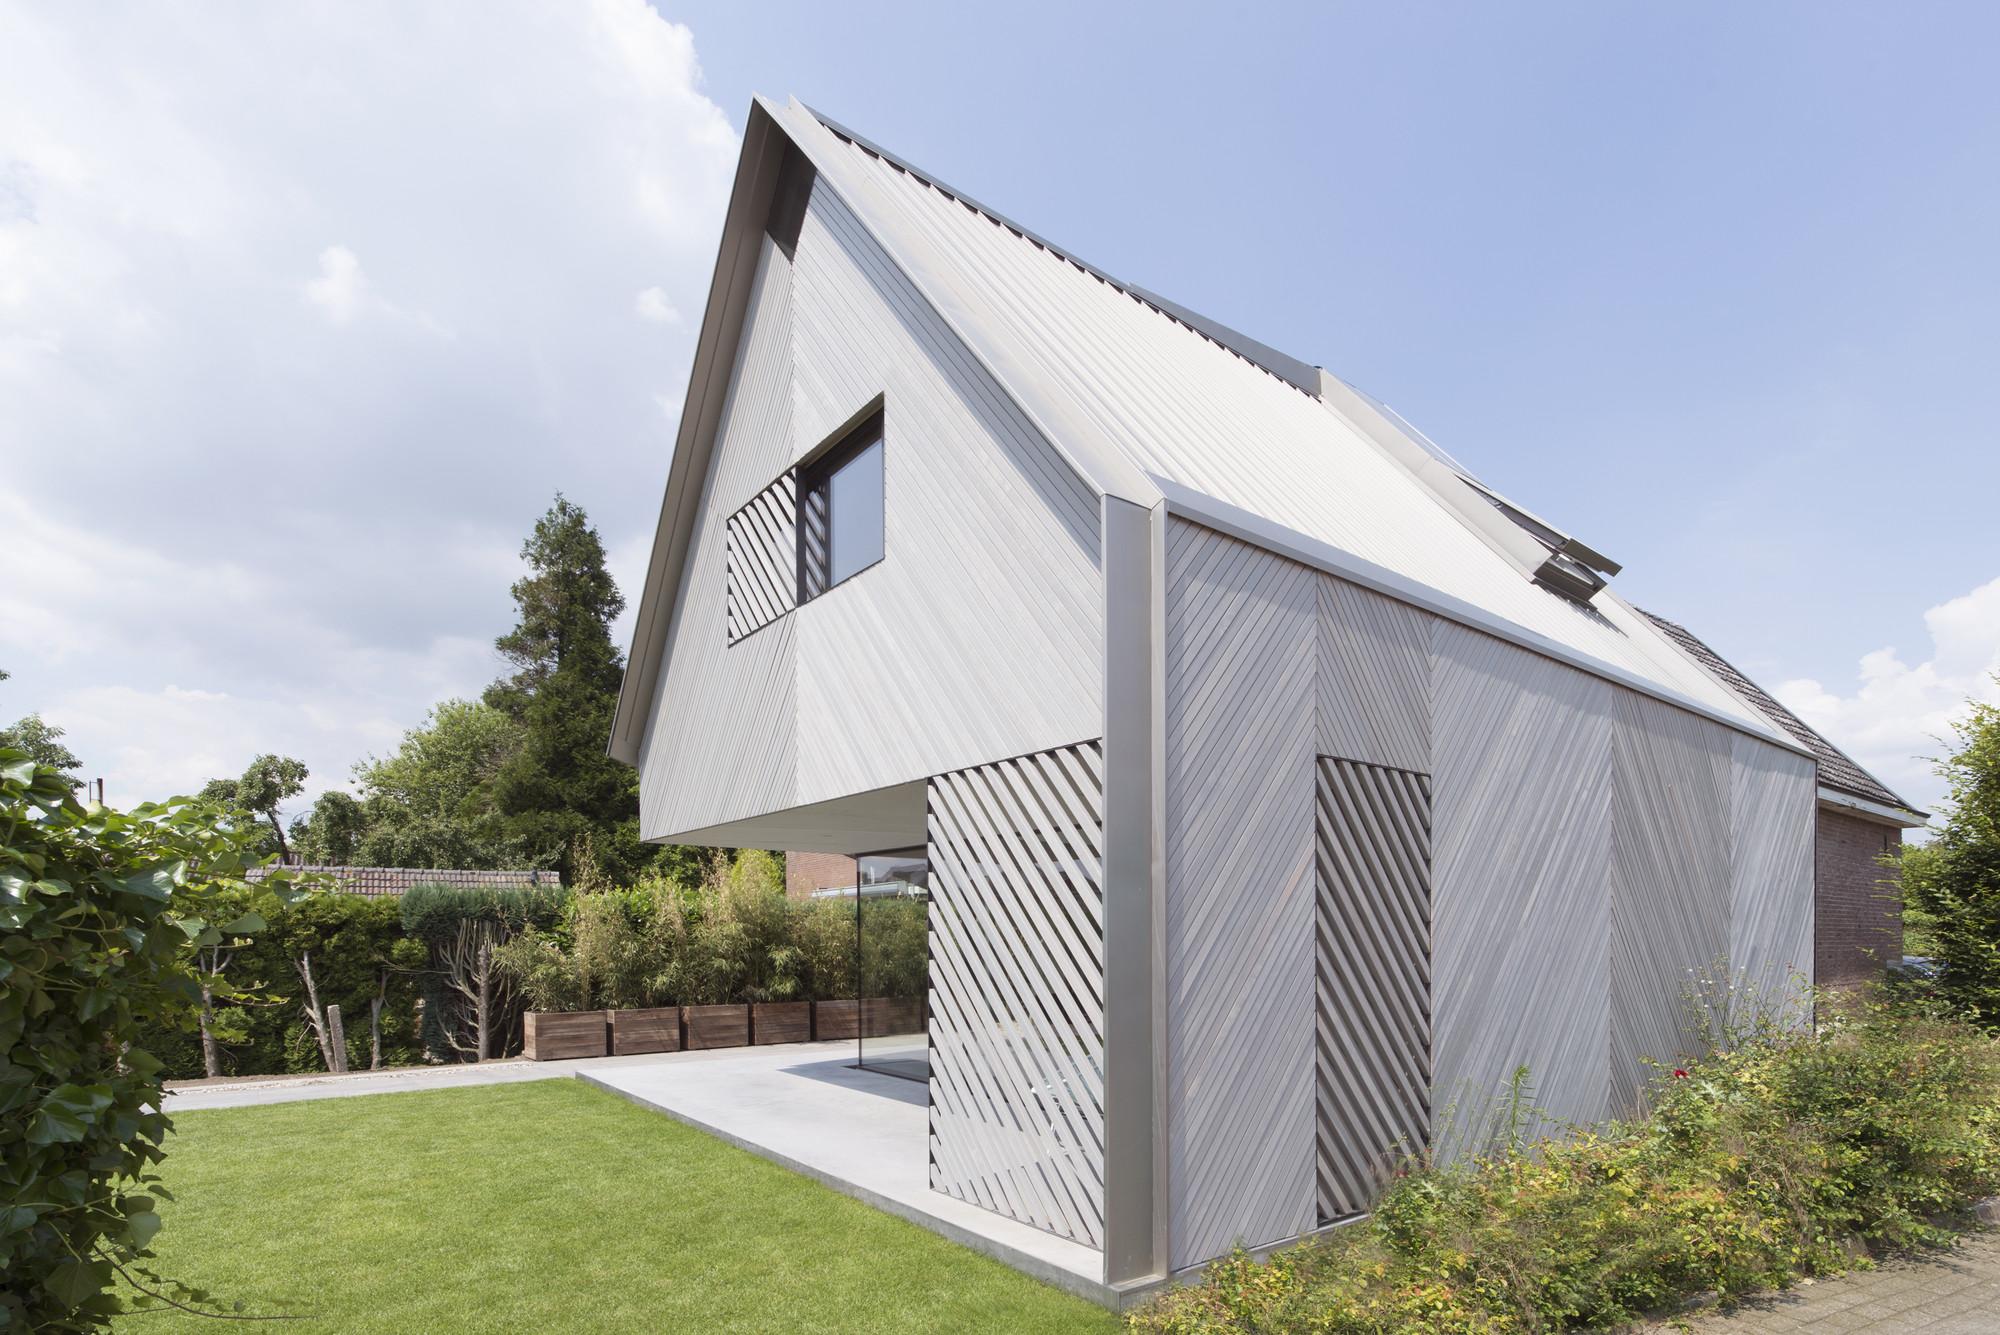 House W / Studio Prototype, Courtesy of Studio Prototype